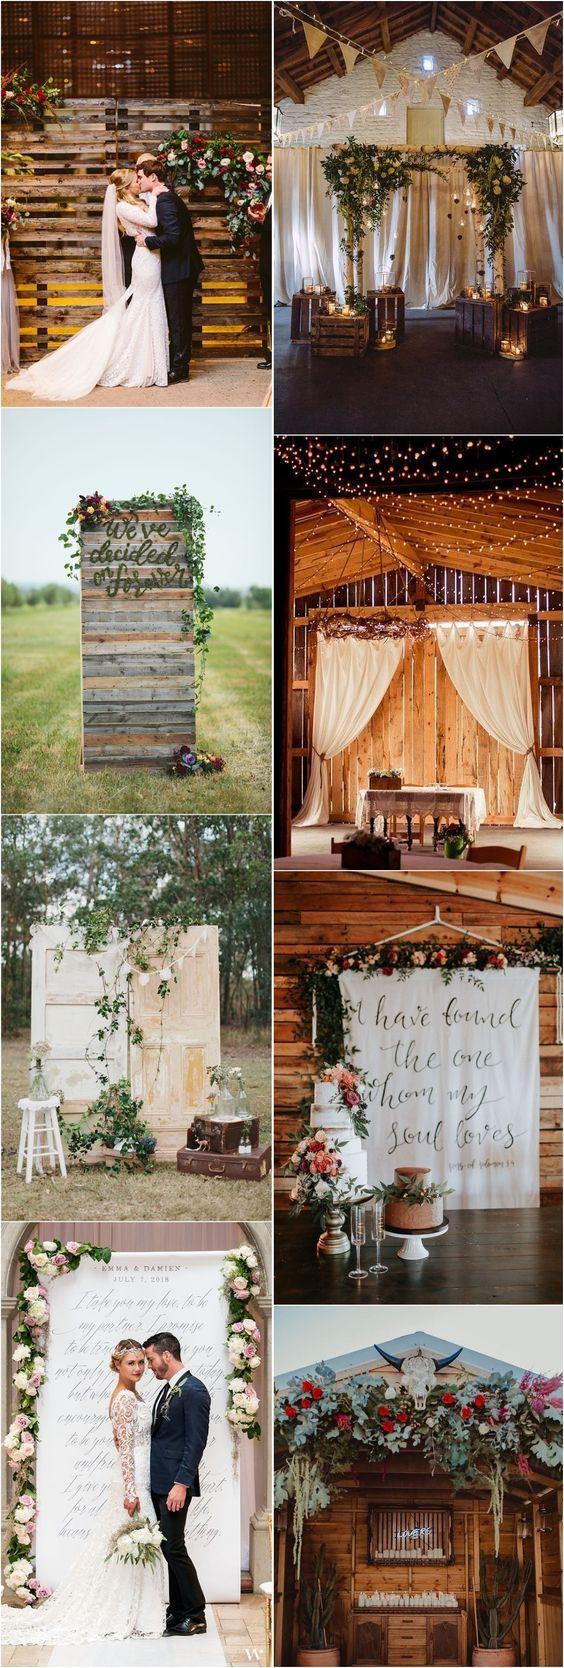 Unique Wedding Ideas Wedding Backdrop Ideas Http Www Deerpearlflowers Com Wedding Backdrop Id Wedding Backdrop Wedding Cake Backdrop Diy Wedding Backdrop